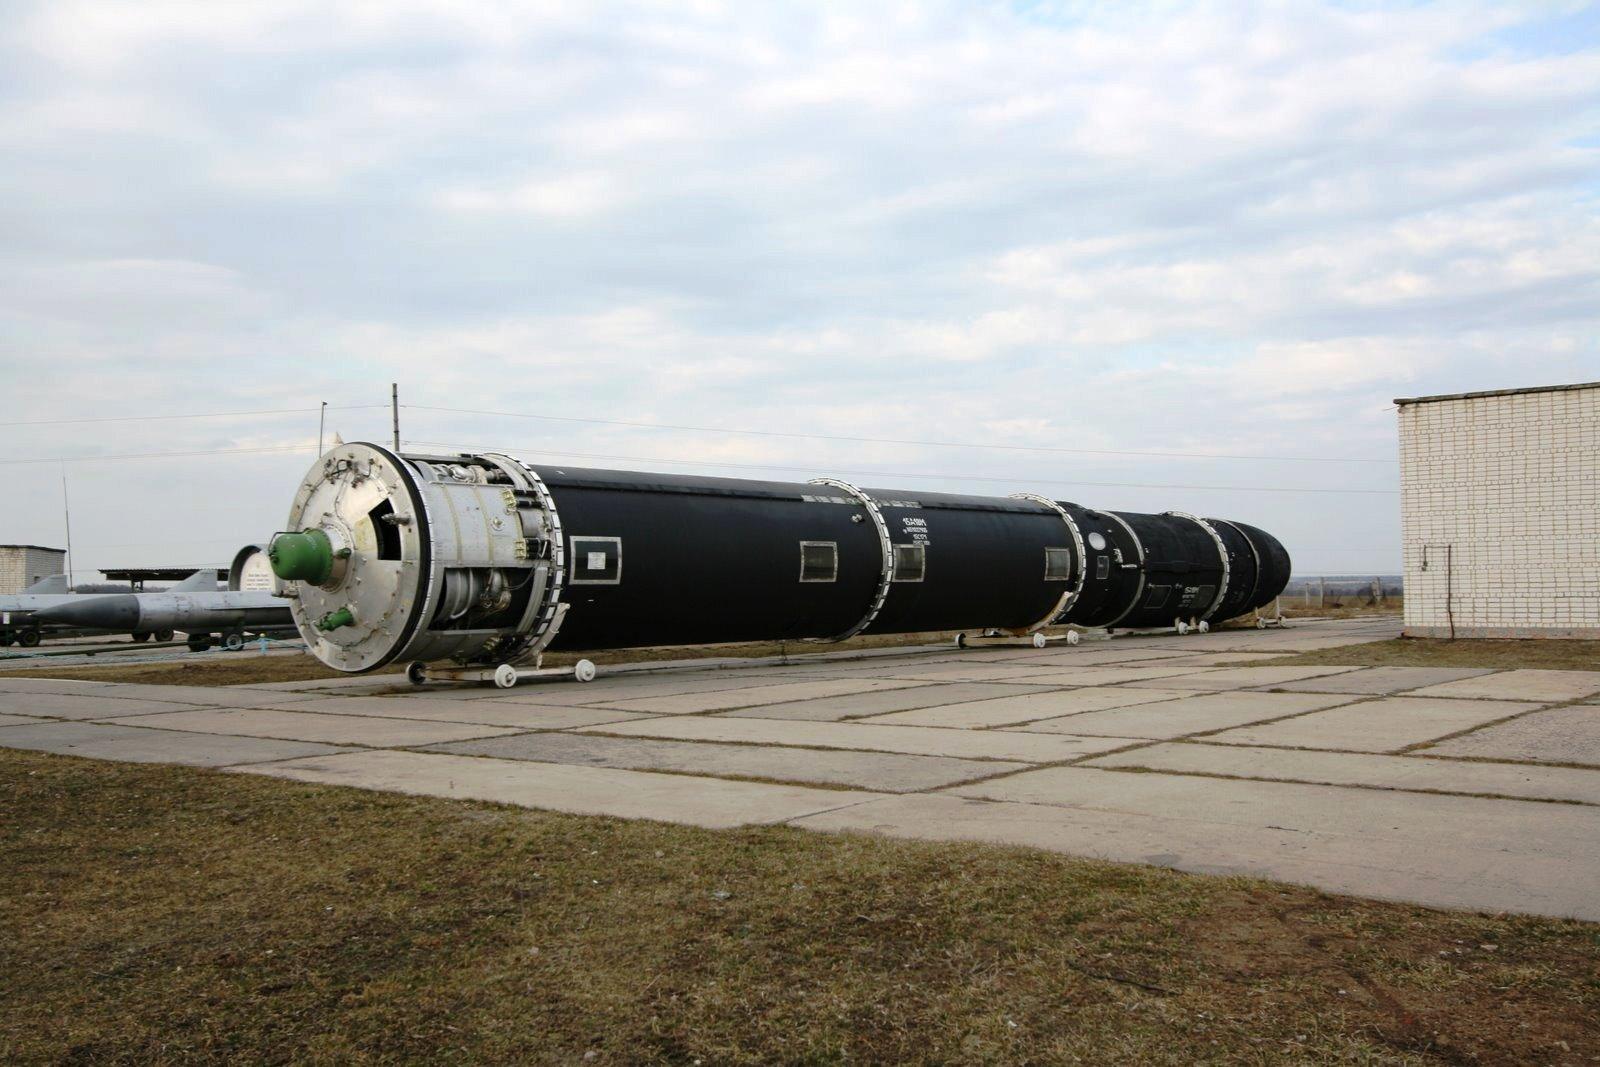 США признали, что у них нет защиты от российского гиперзвукового оружия